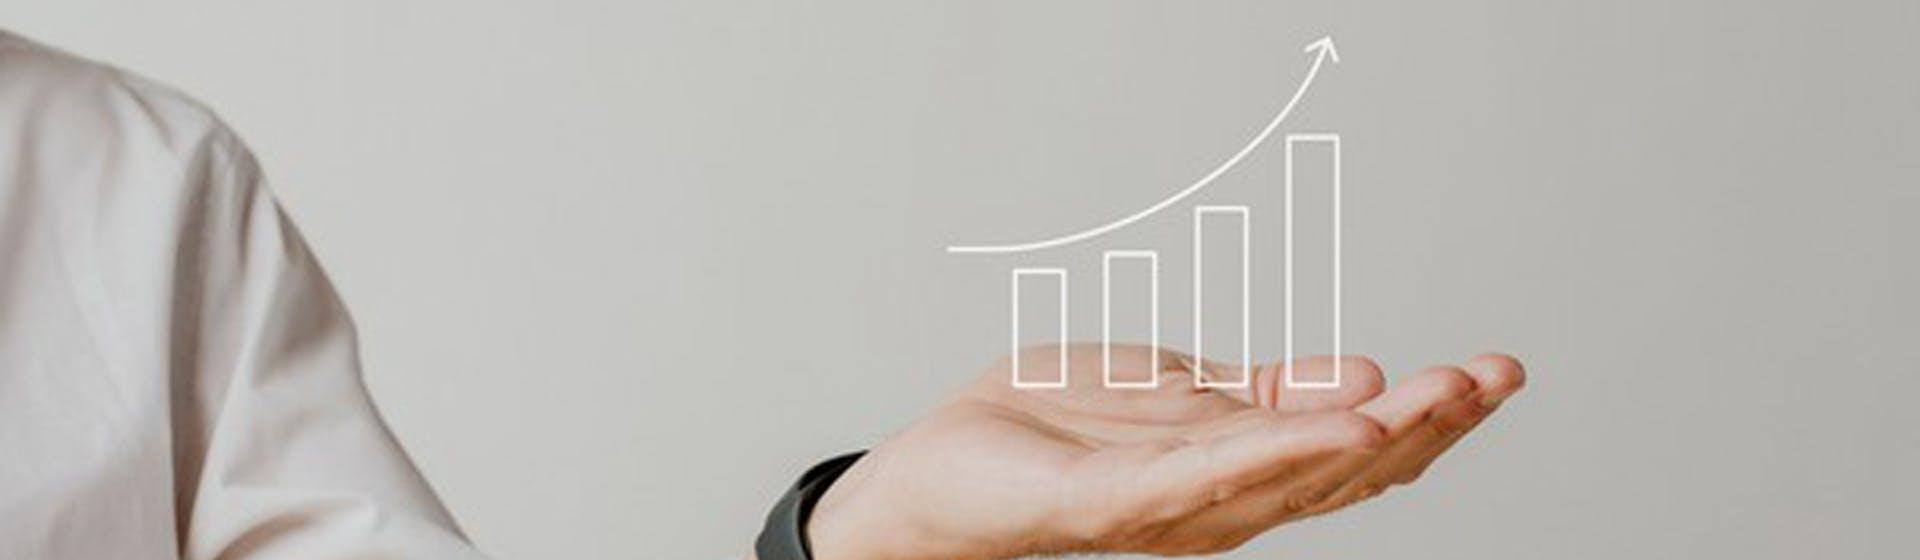 Marketing analytics como estrategia para un negocio exitoso